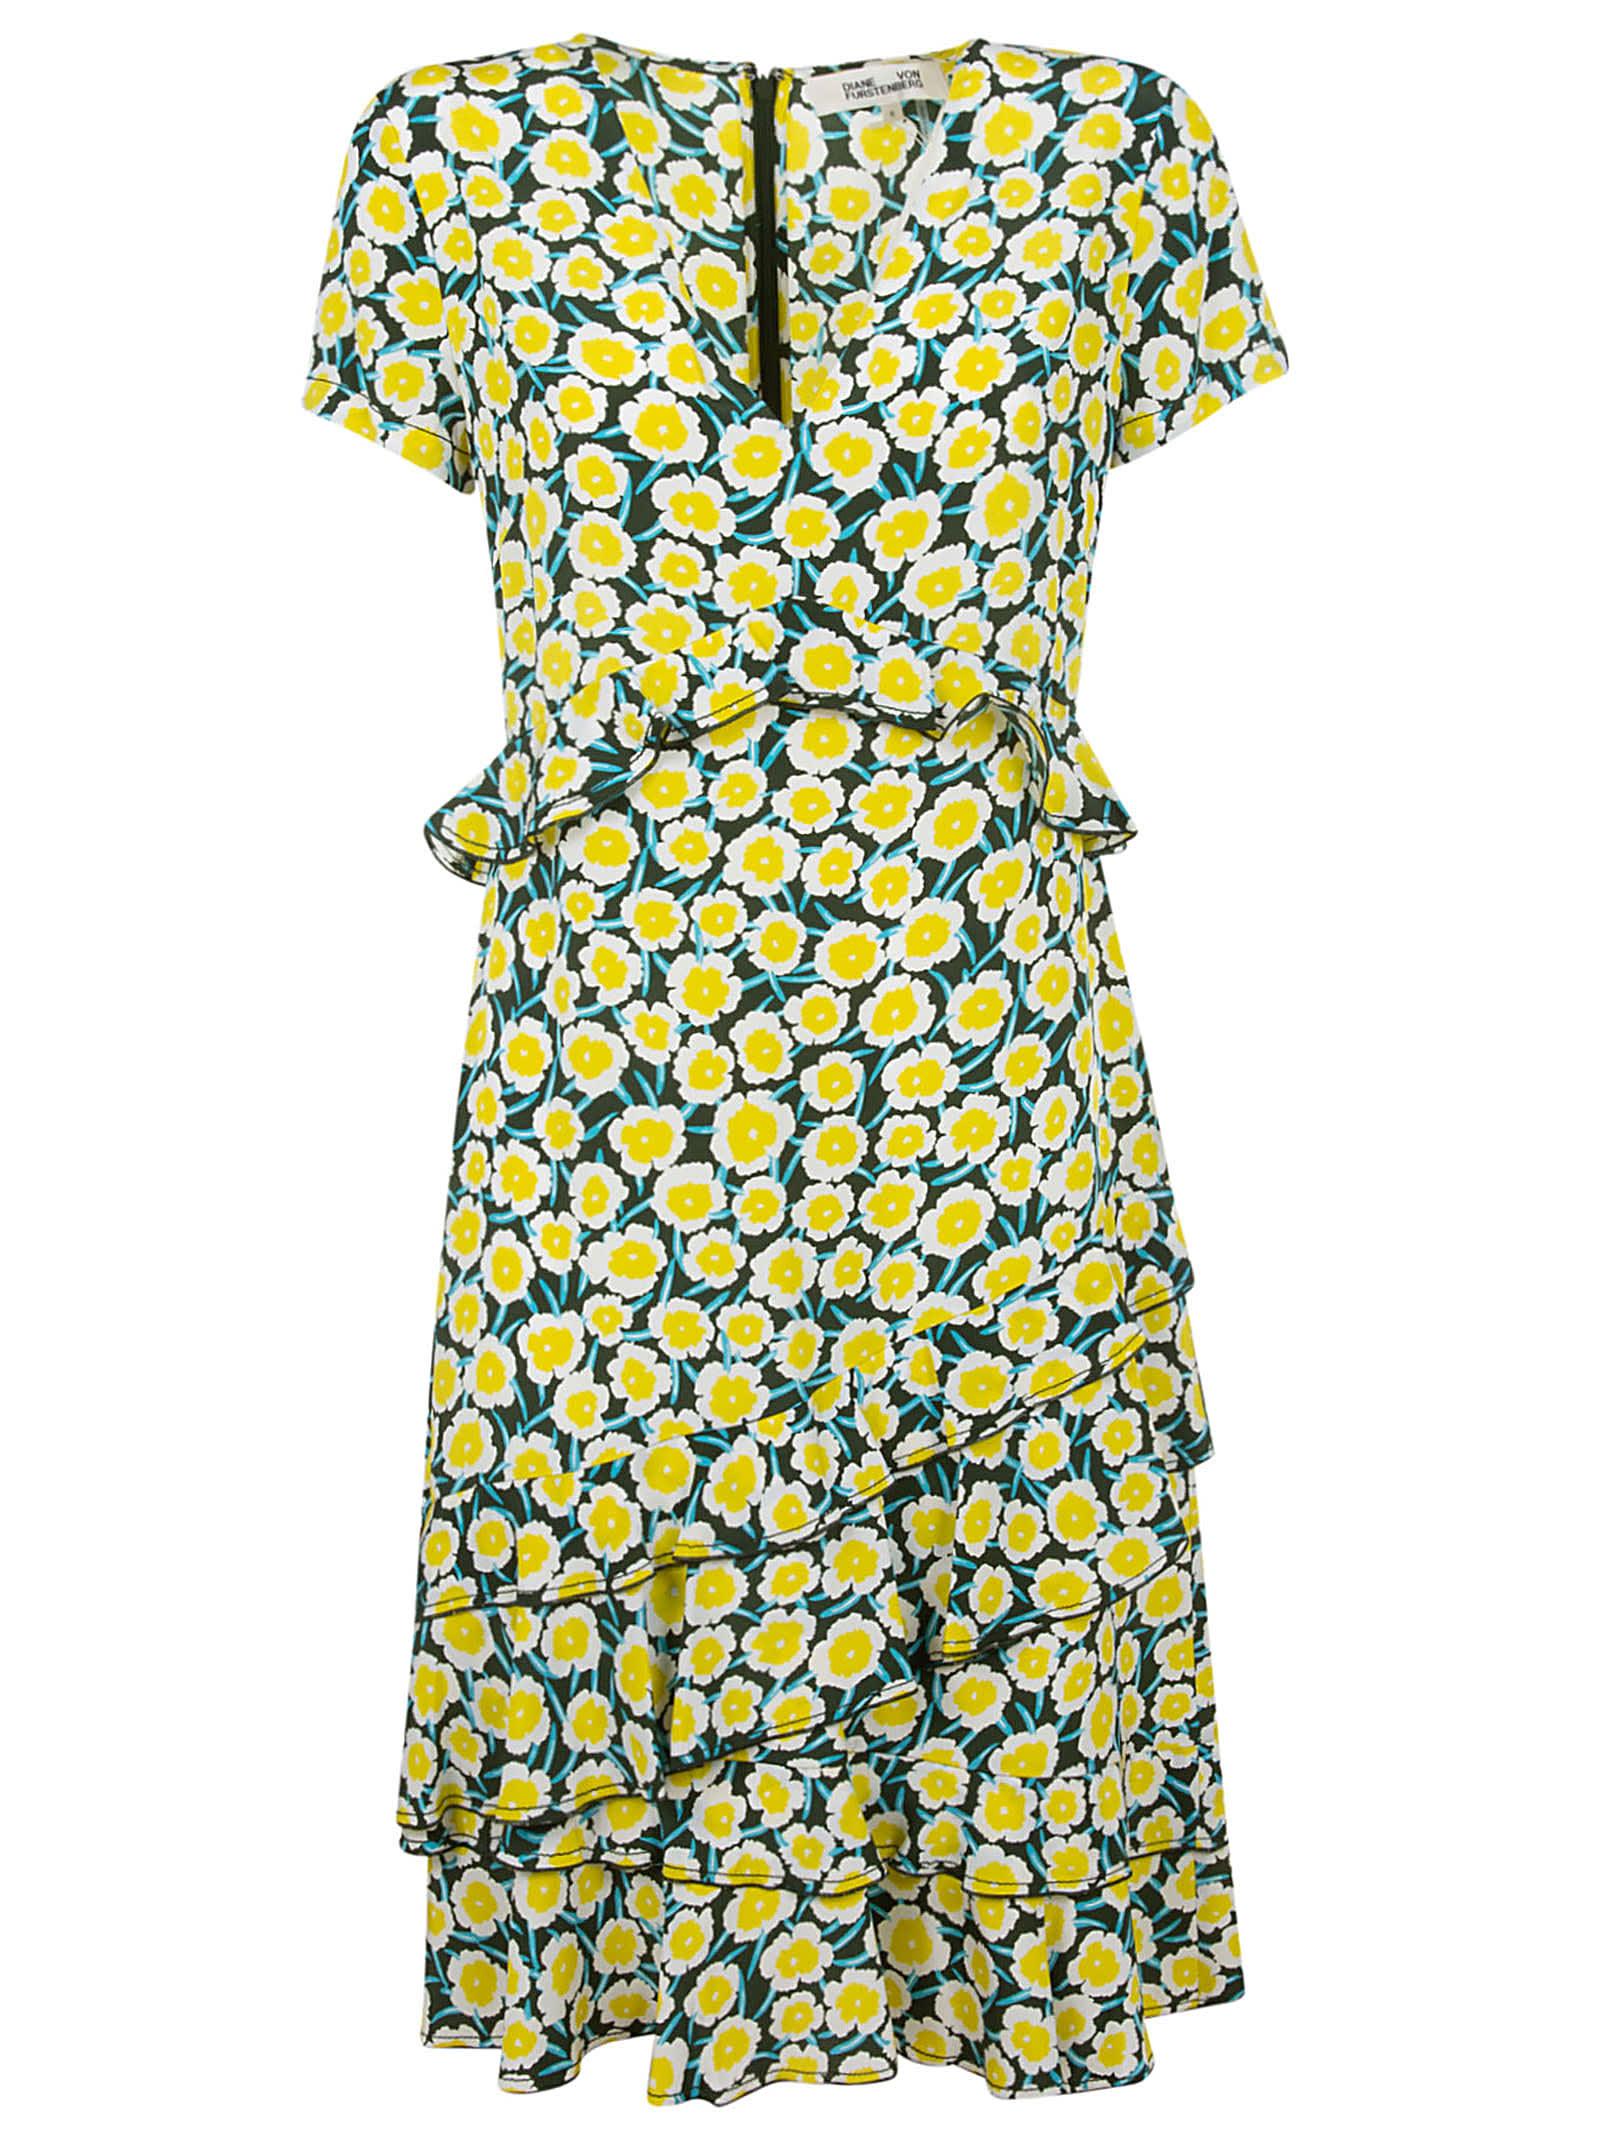 Buy Diane Von Furstenberg All-over Floral Printed Asymmetric Dress online, shop Diane Von Furstenberg with free shipping